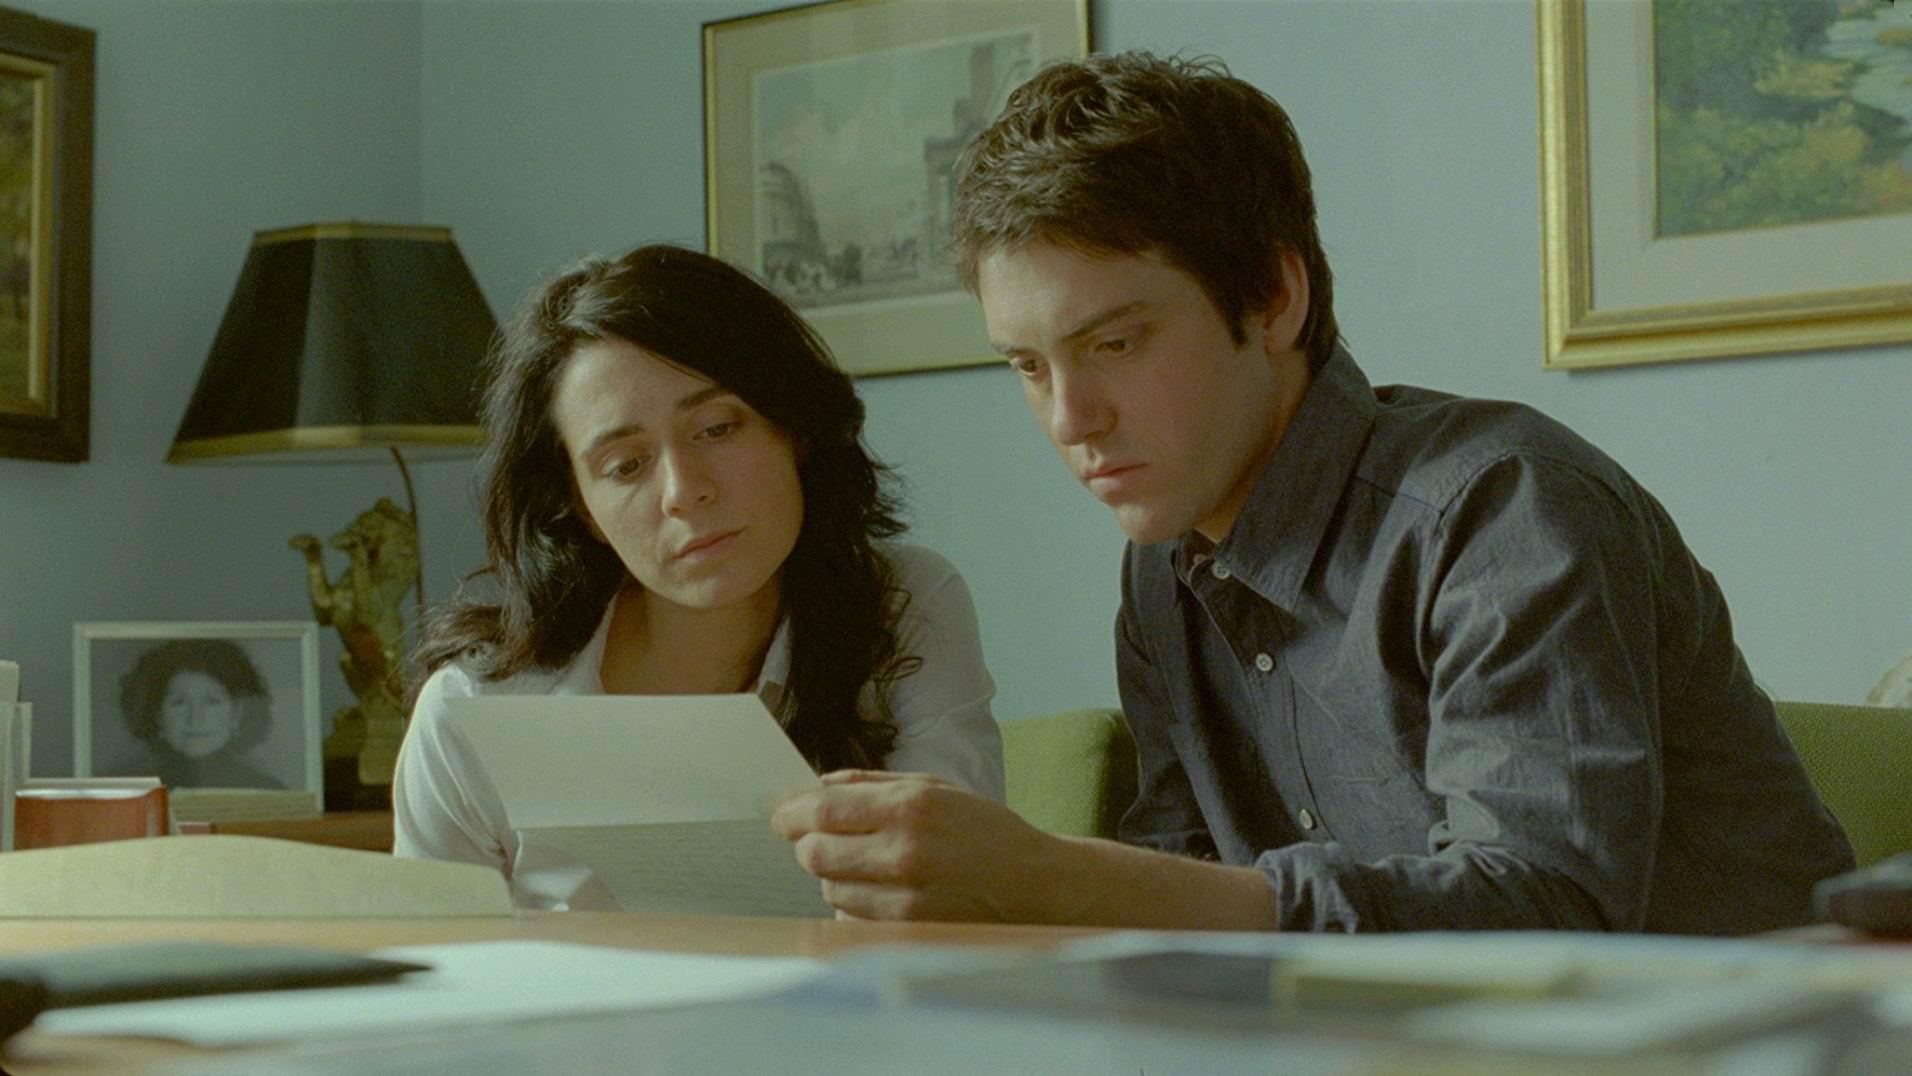 Пожары / Incendies (2010): кадр из фильма